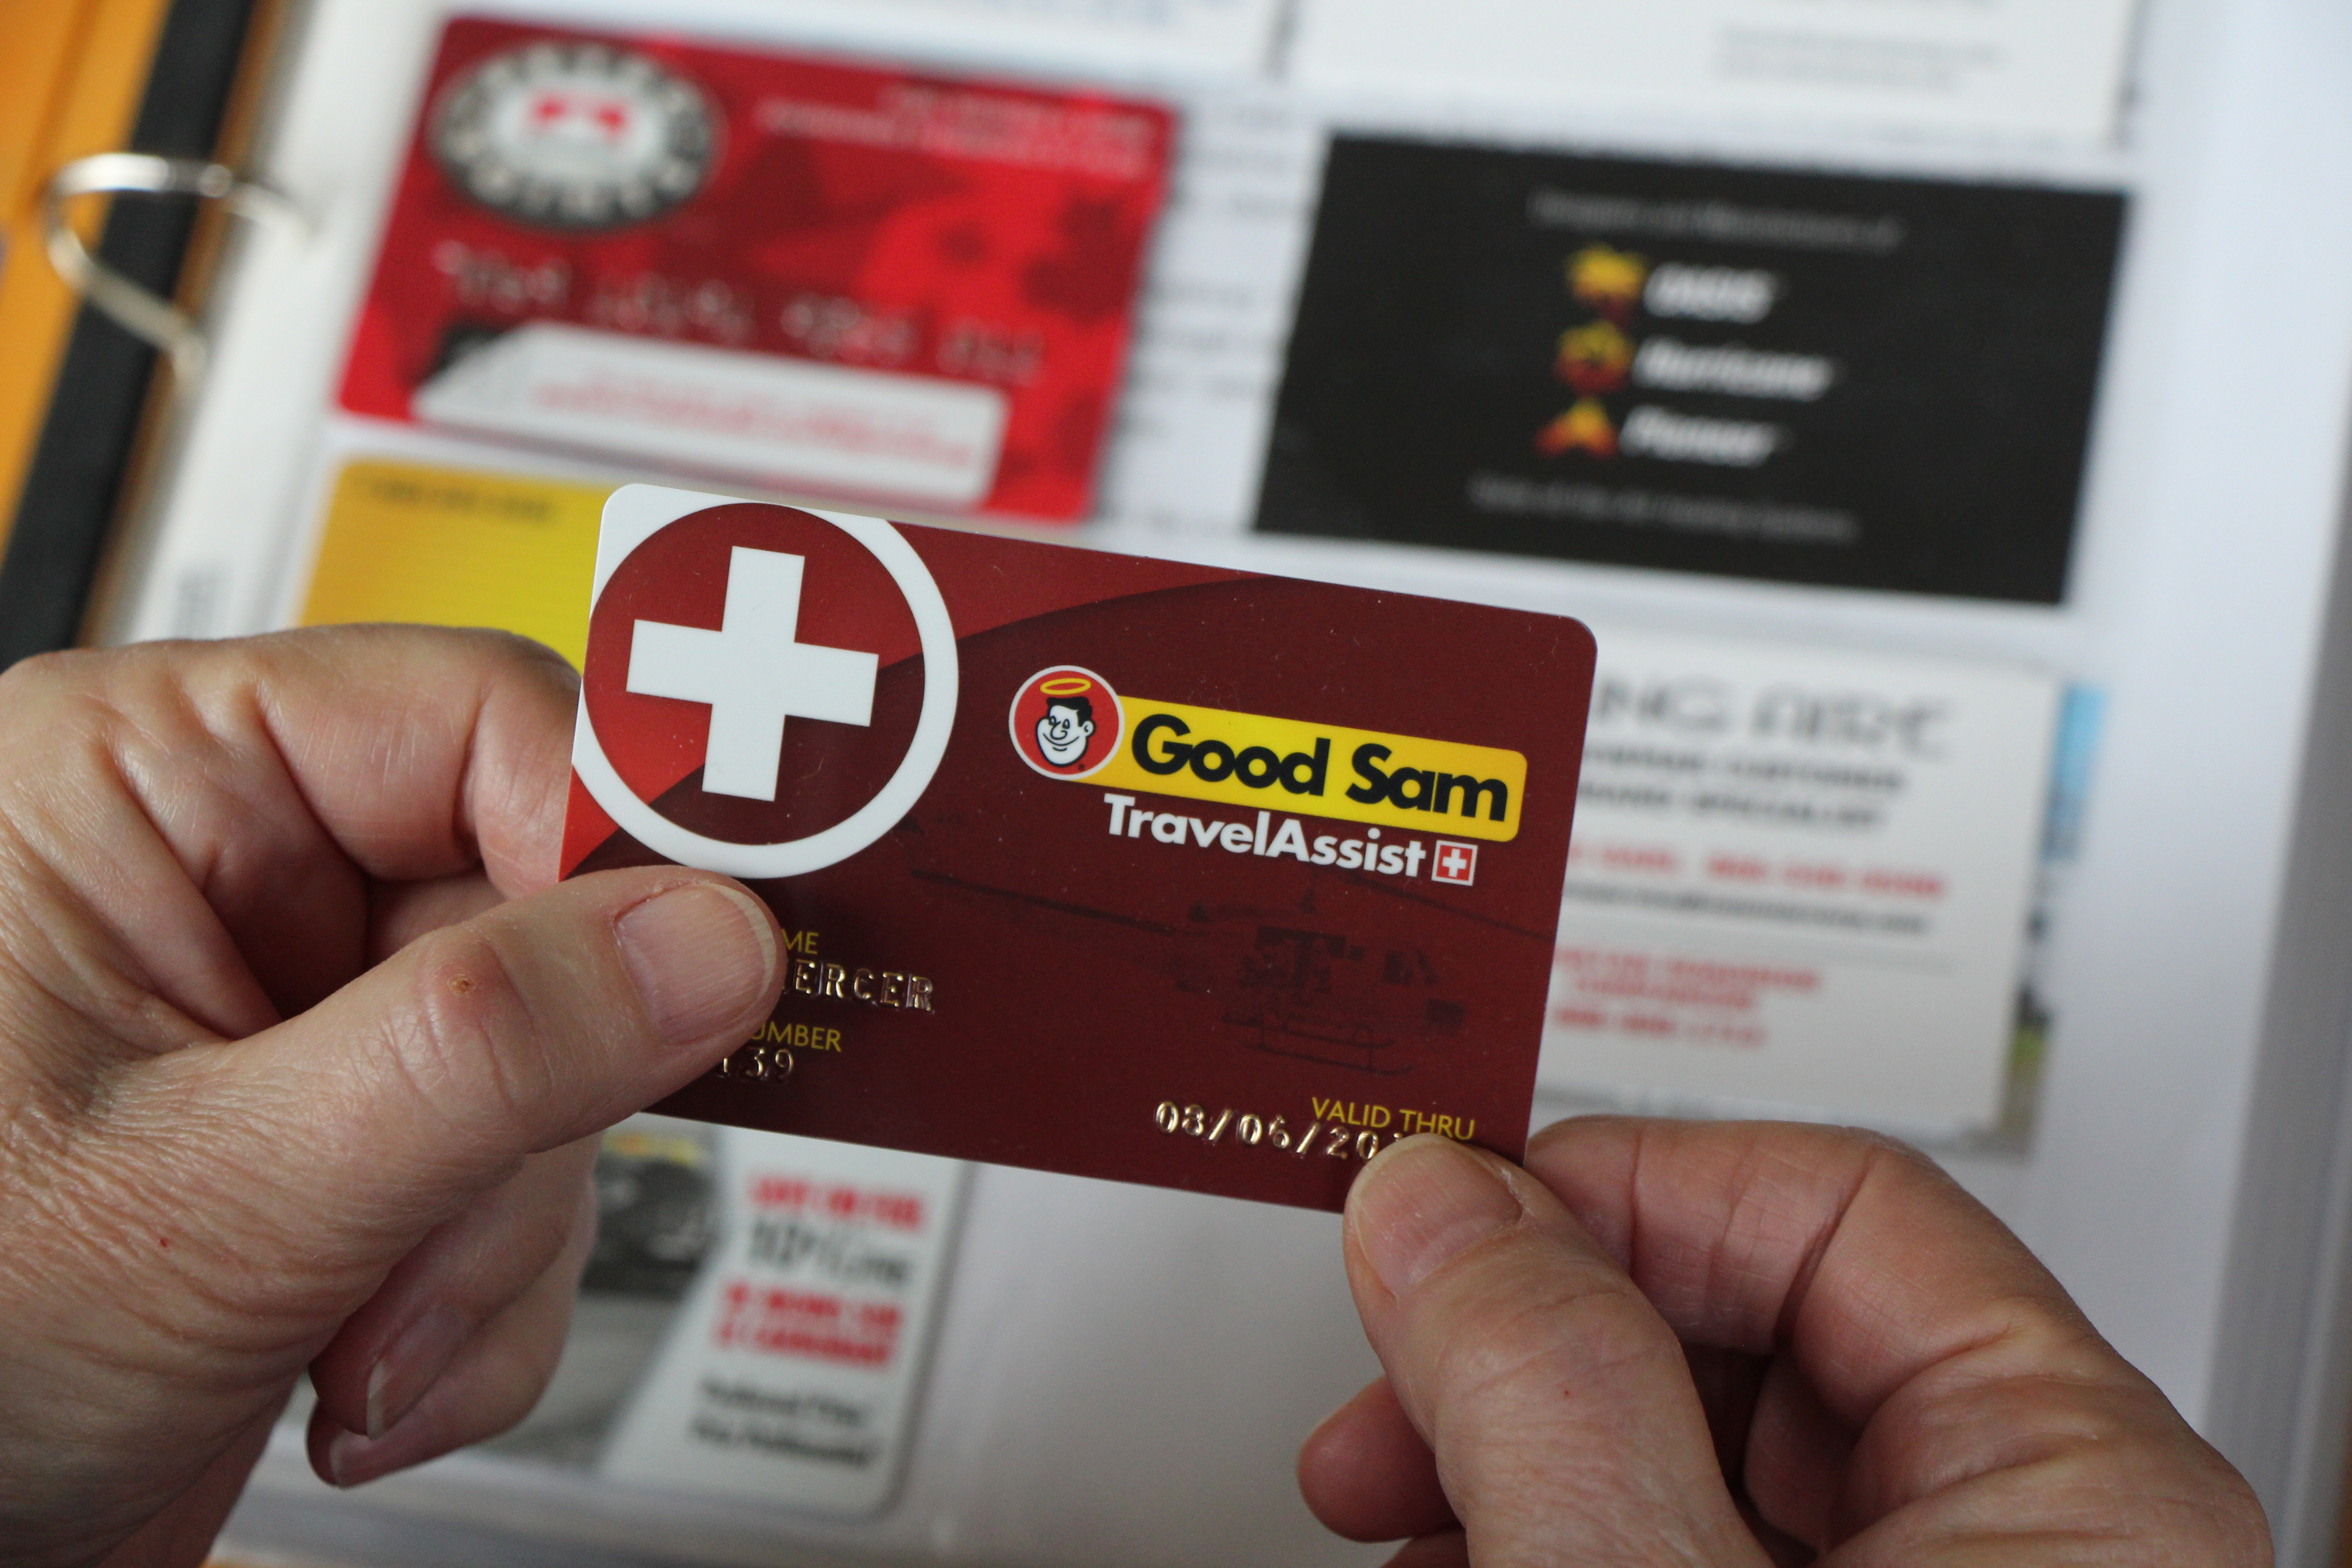 A plastic card with a Good Sam logo.